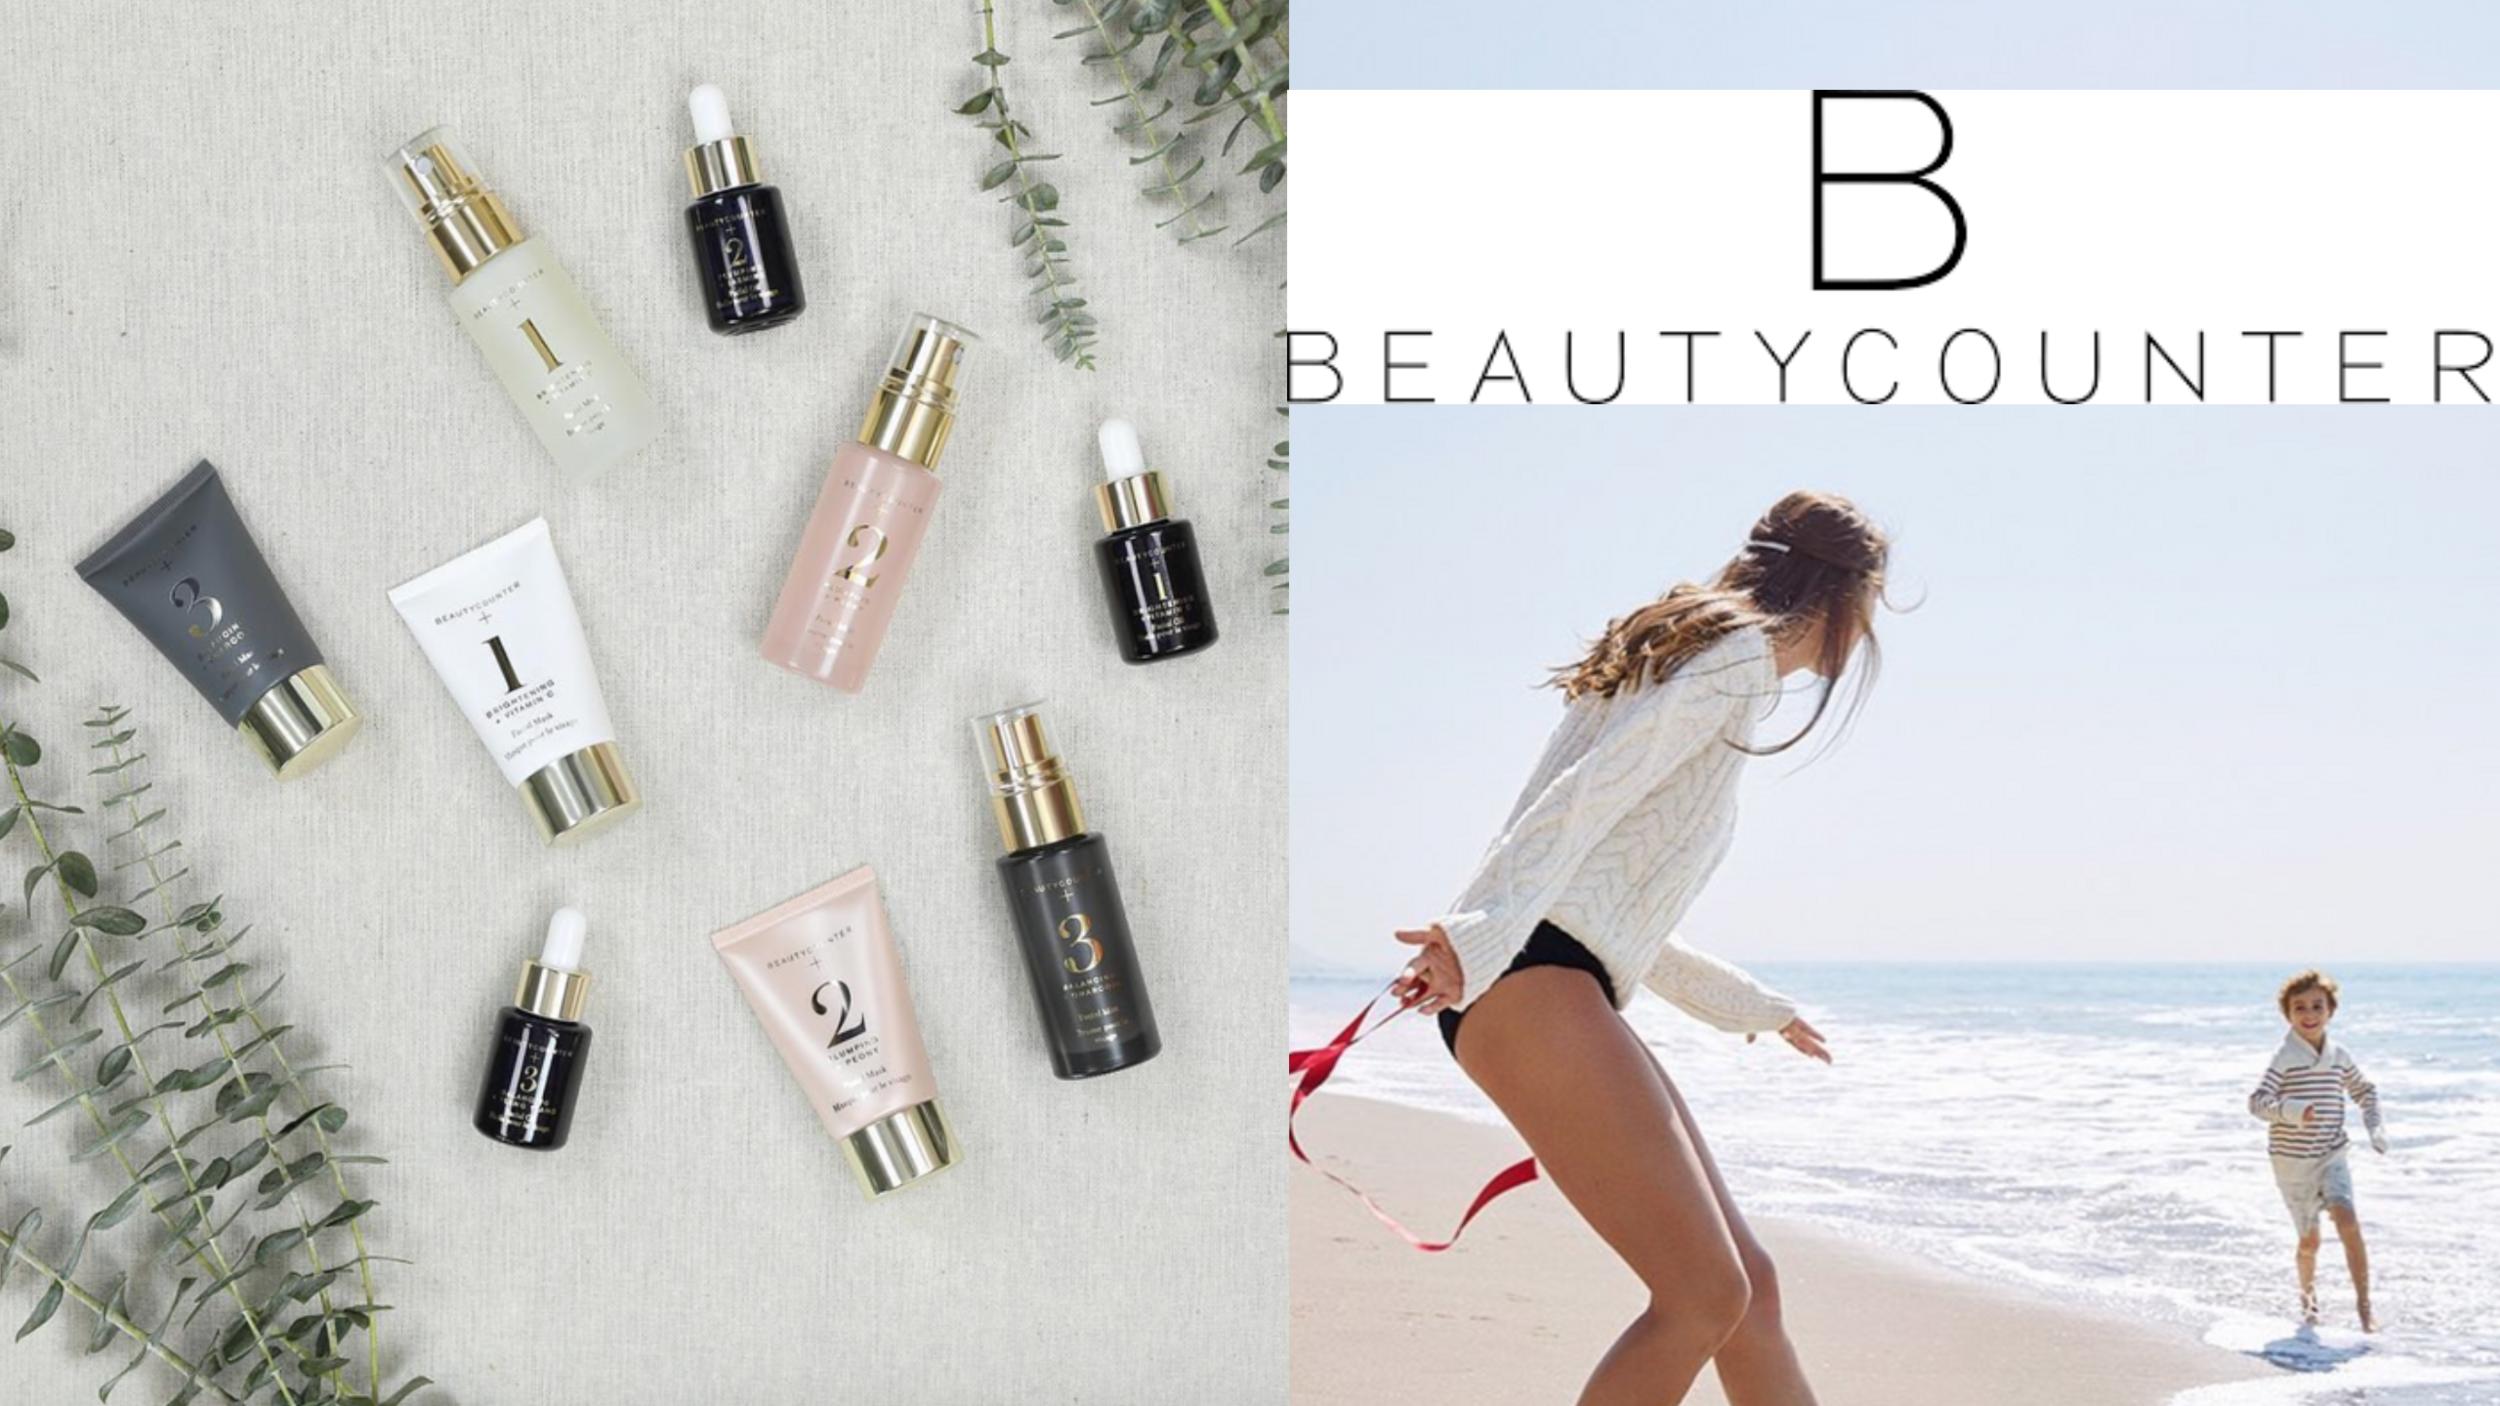 Meet Beautycounter - Clean Beauty